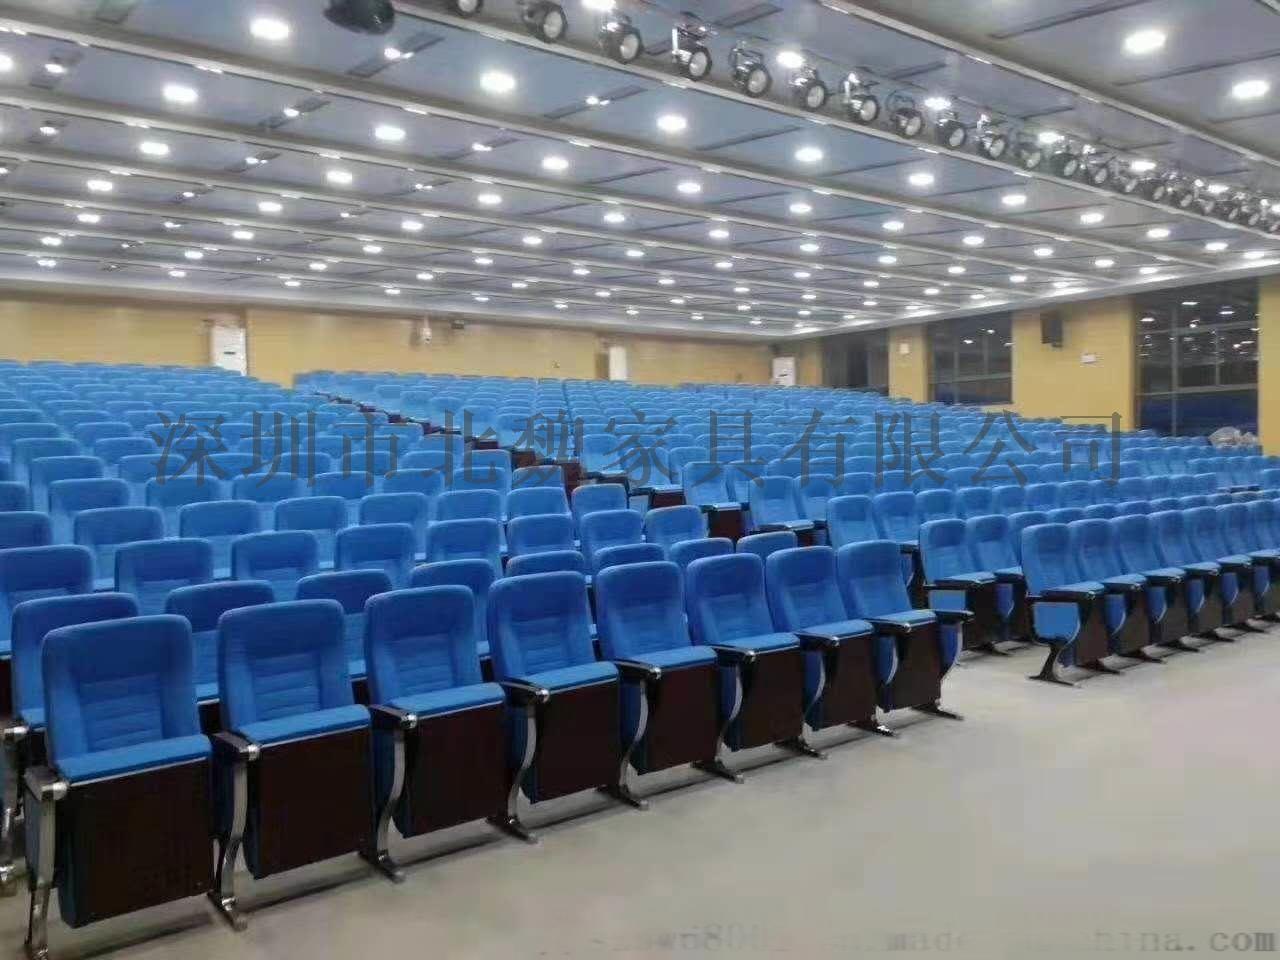 礼堂椅中心距-礼堂椅规格-学校礼堂椅136526605